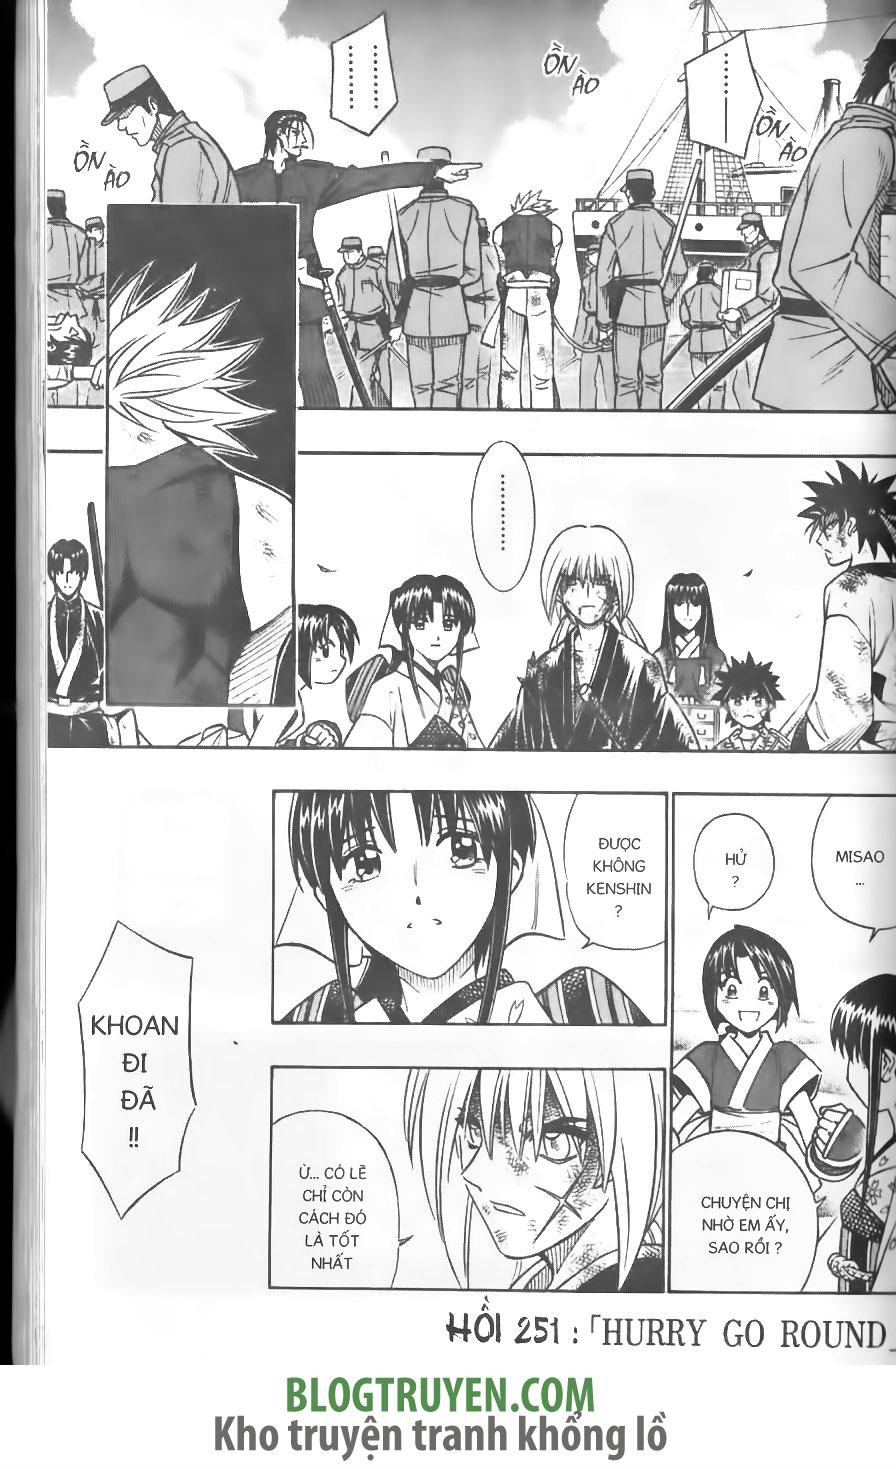 Rurouni Kenshin chap 251 trang 3